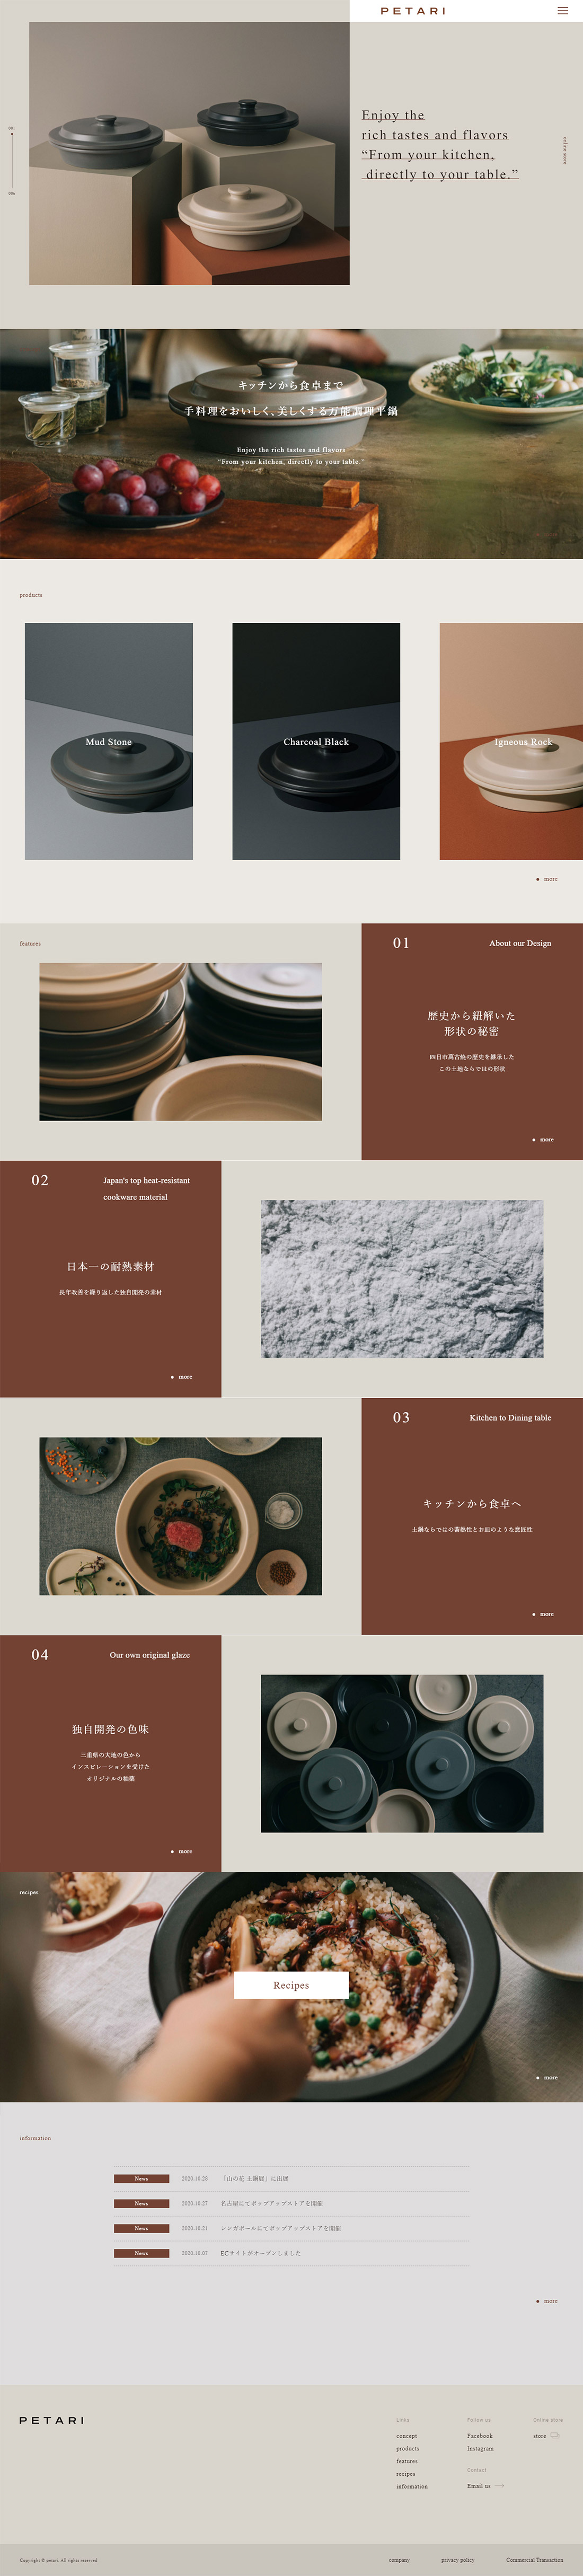 PETARI 公式サイト | 手料理を美味しく、美しく。